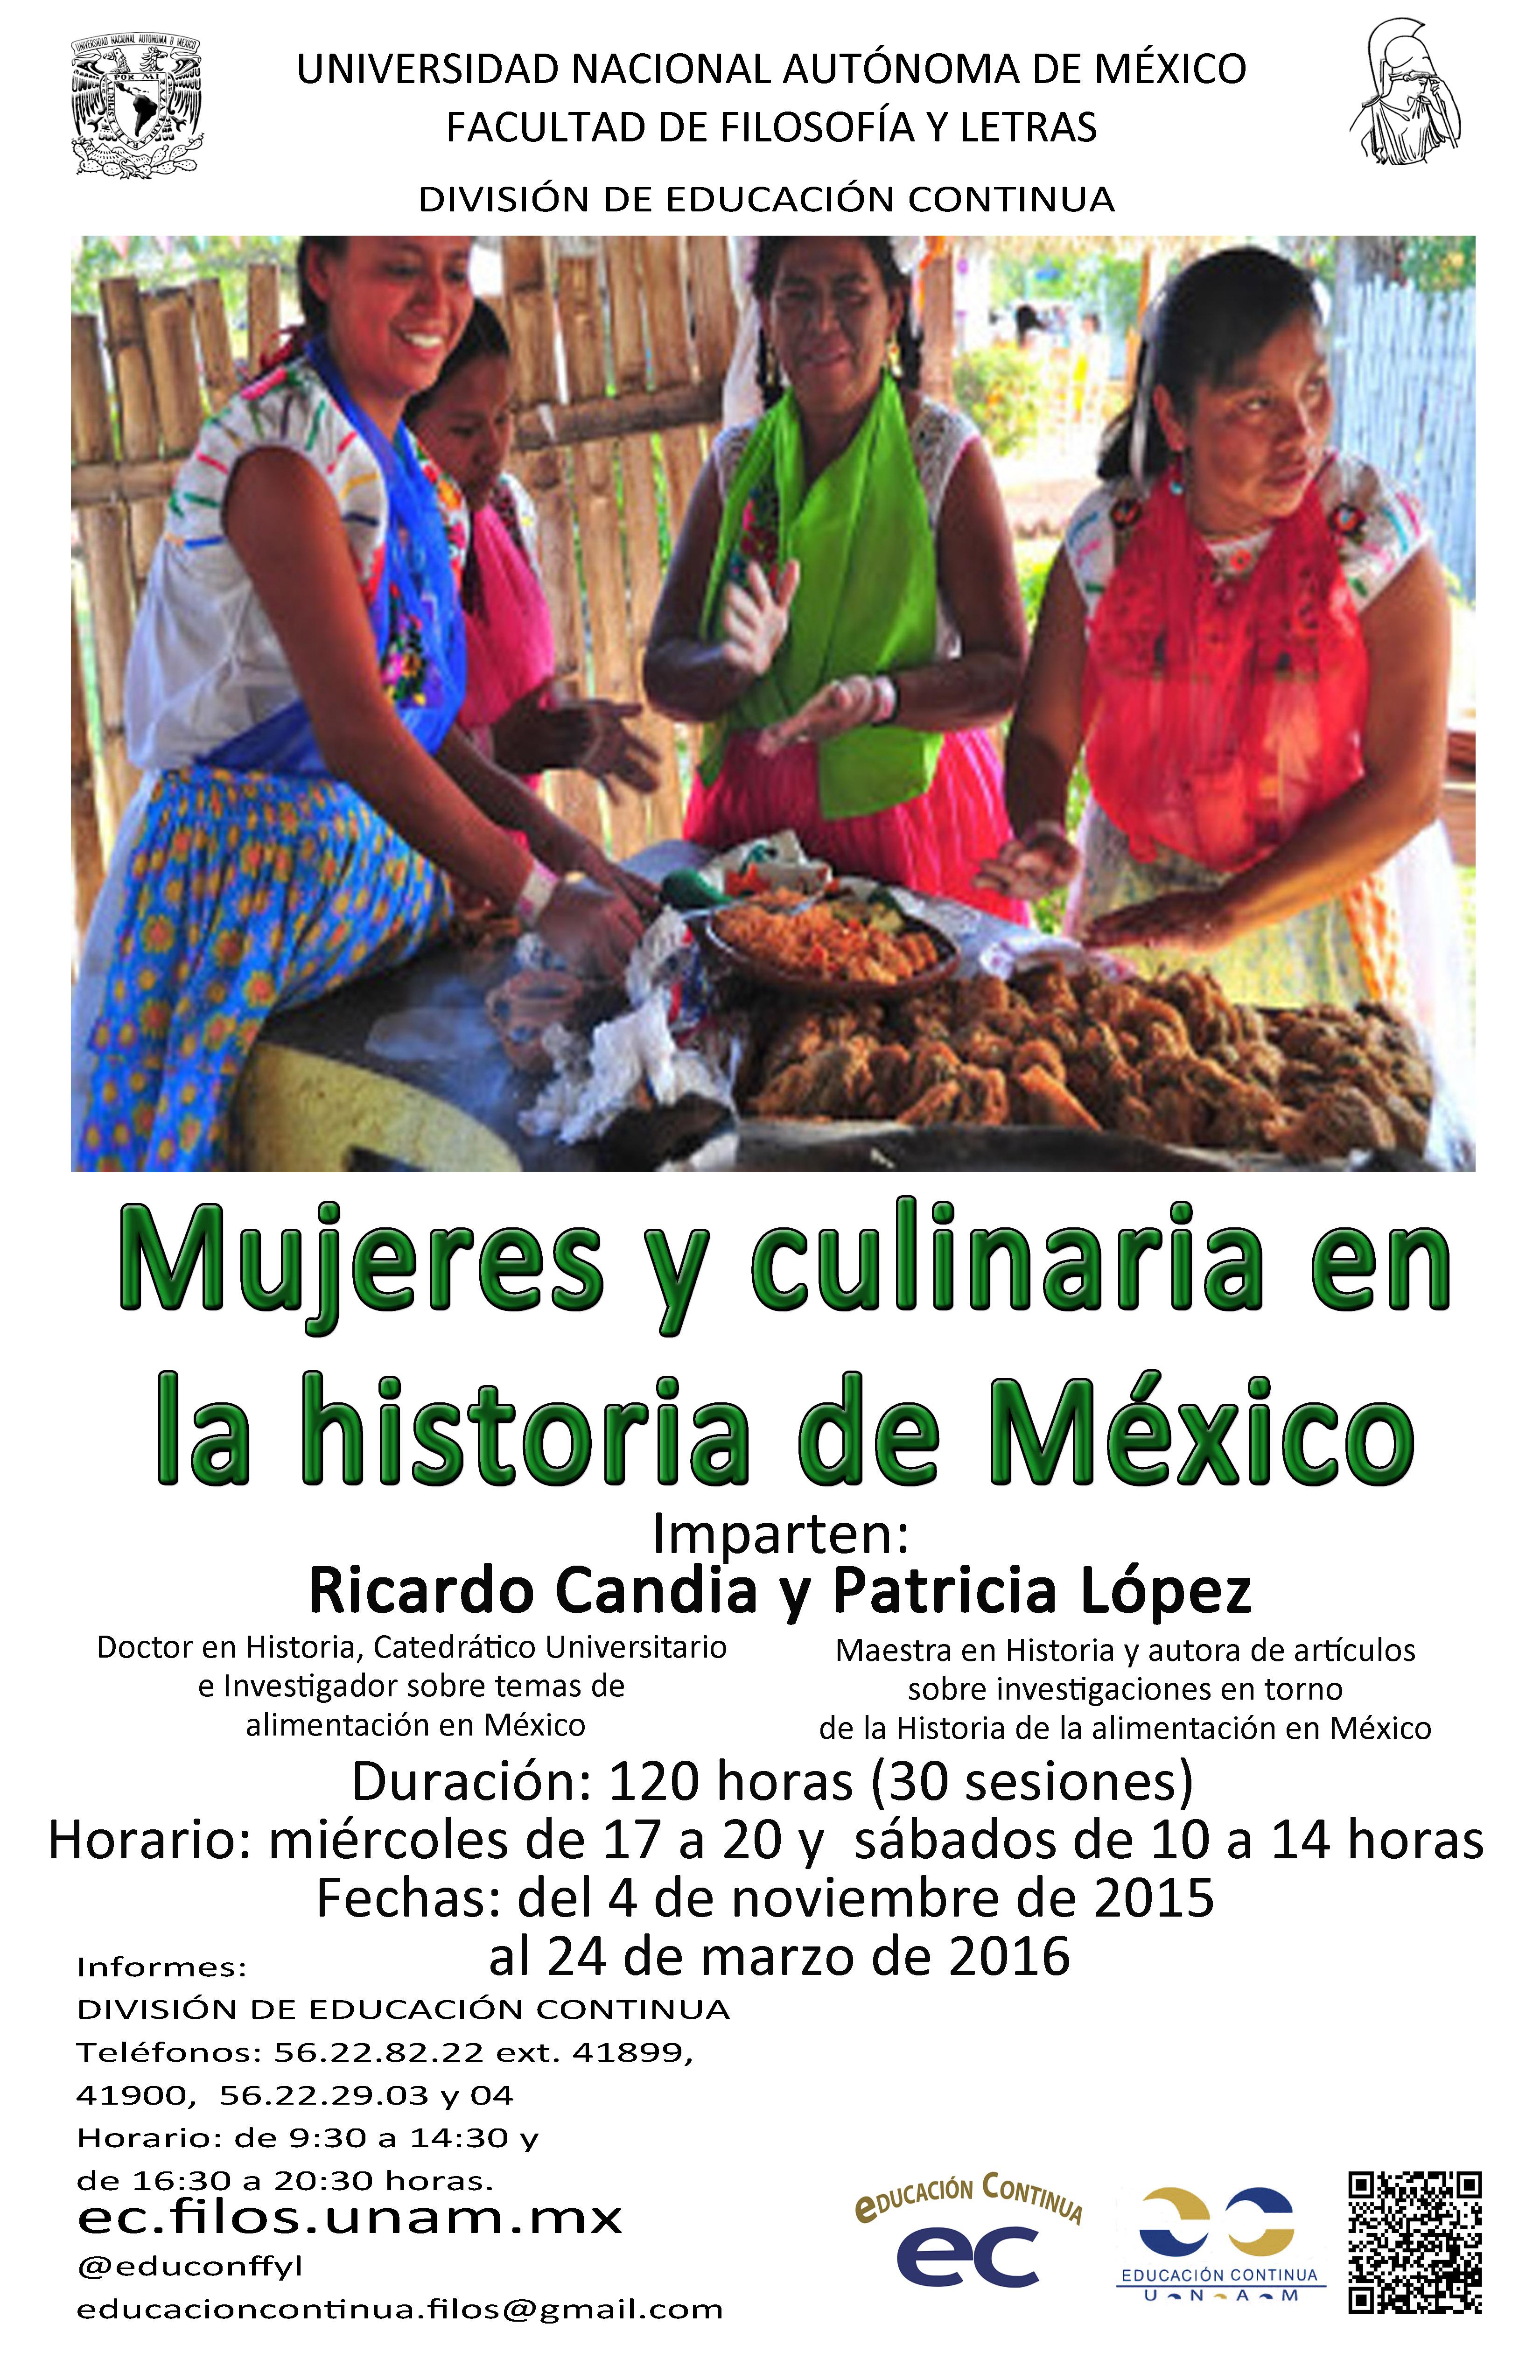 DIPLOMADO «Mujeres y culinaria en la Historia de México» UNAM.